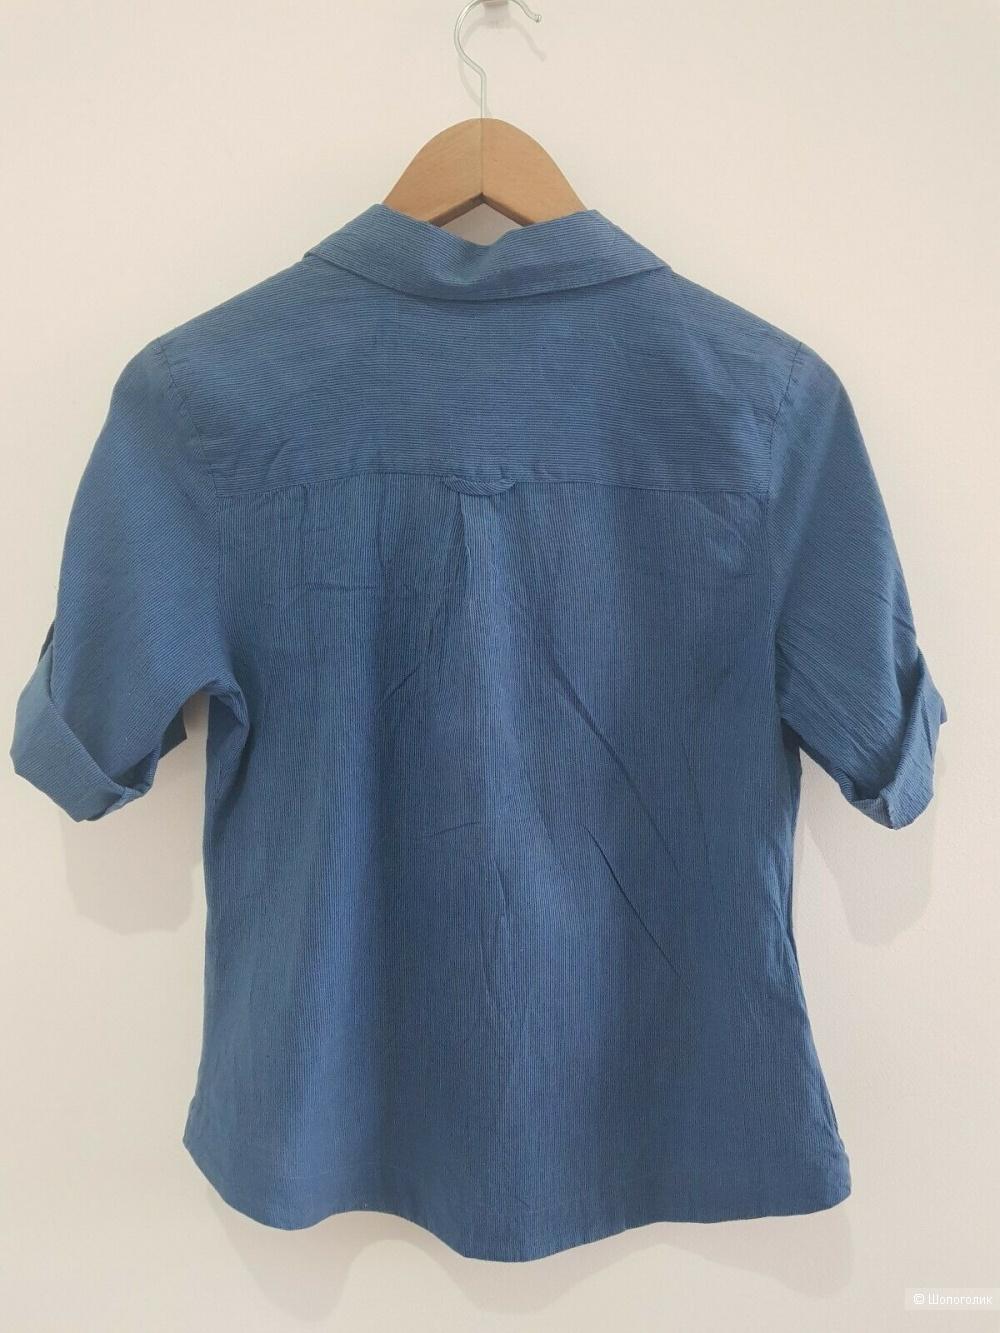 Блузка-рубашка из тонкого  хлопка, размер М, но маломерит.